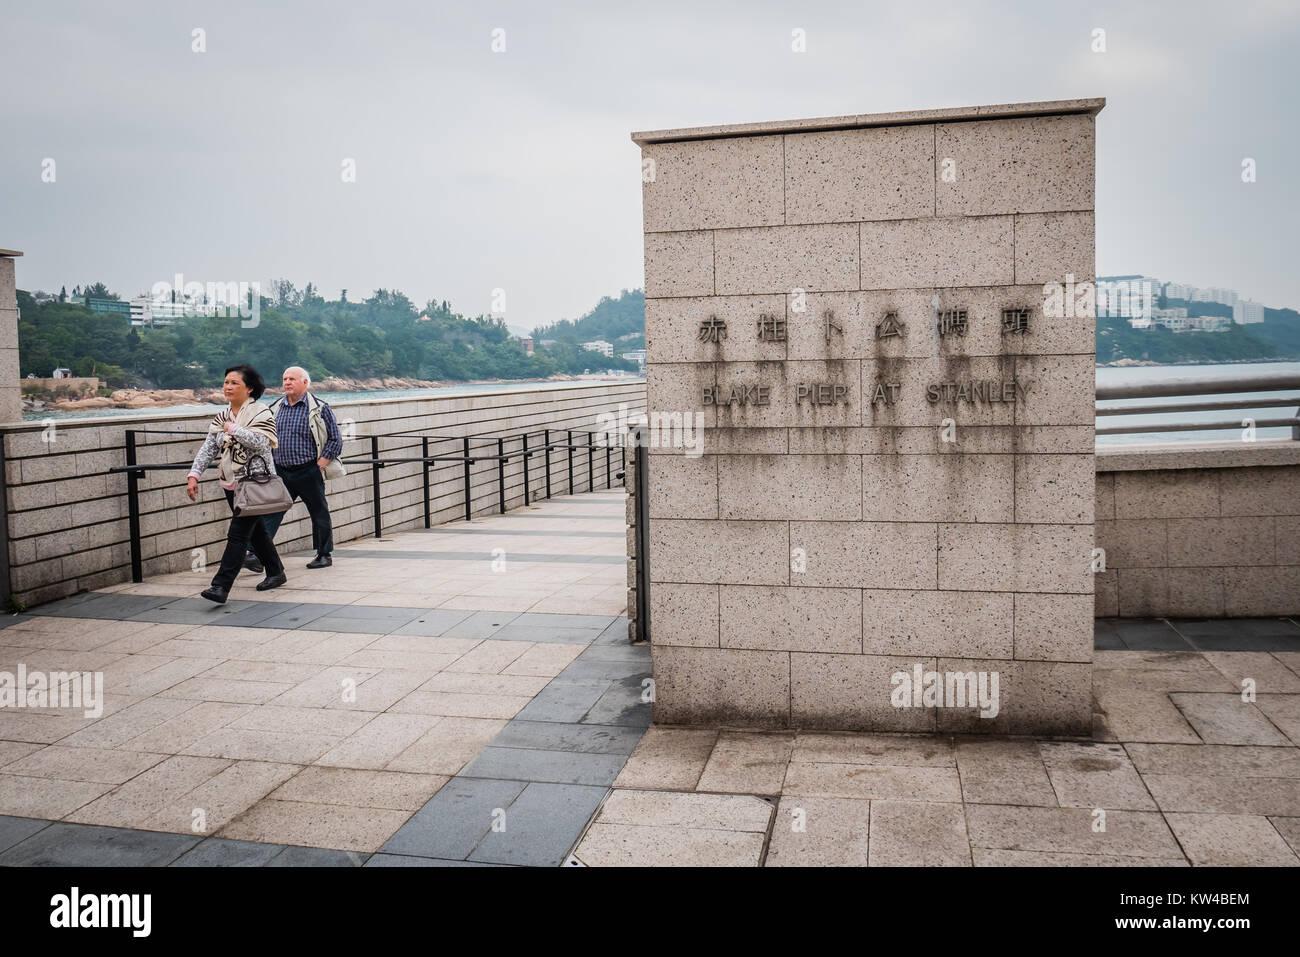 blake pier in stanley hong kong Stock Photo